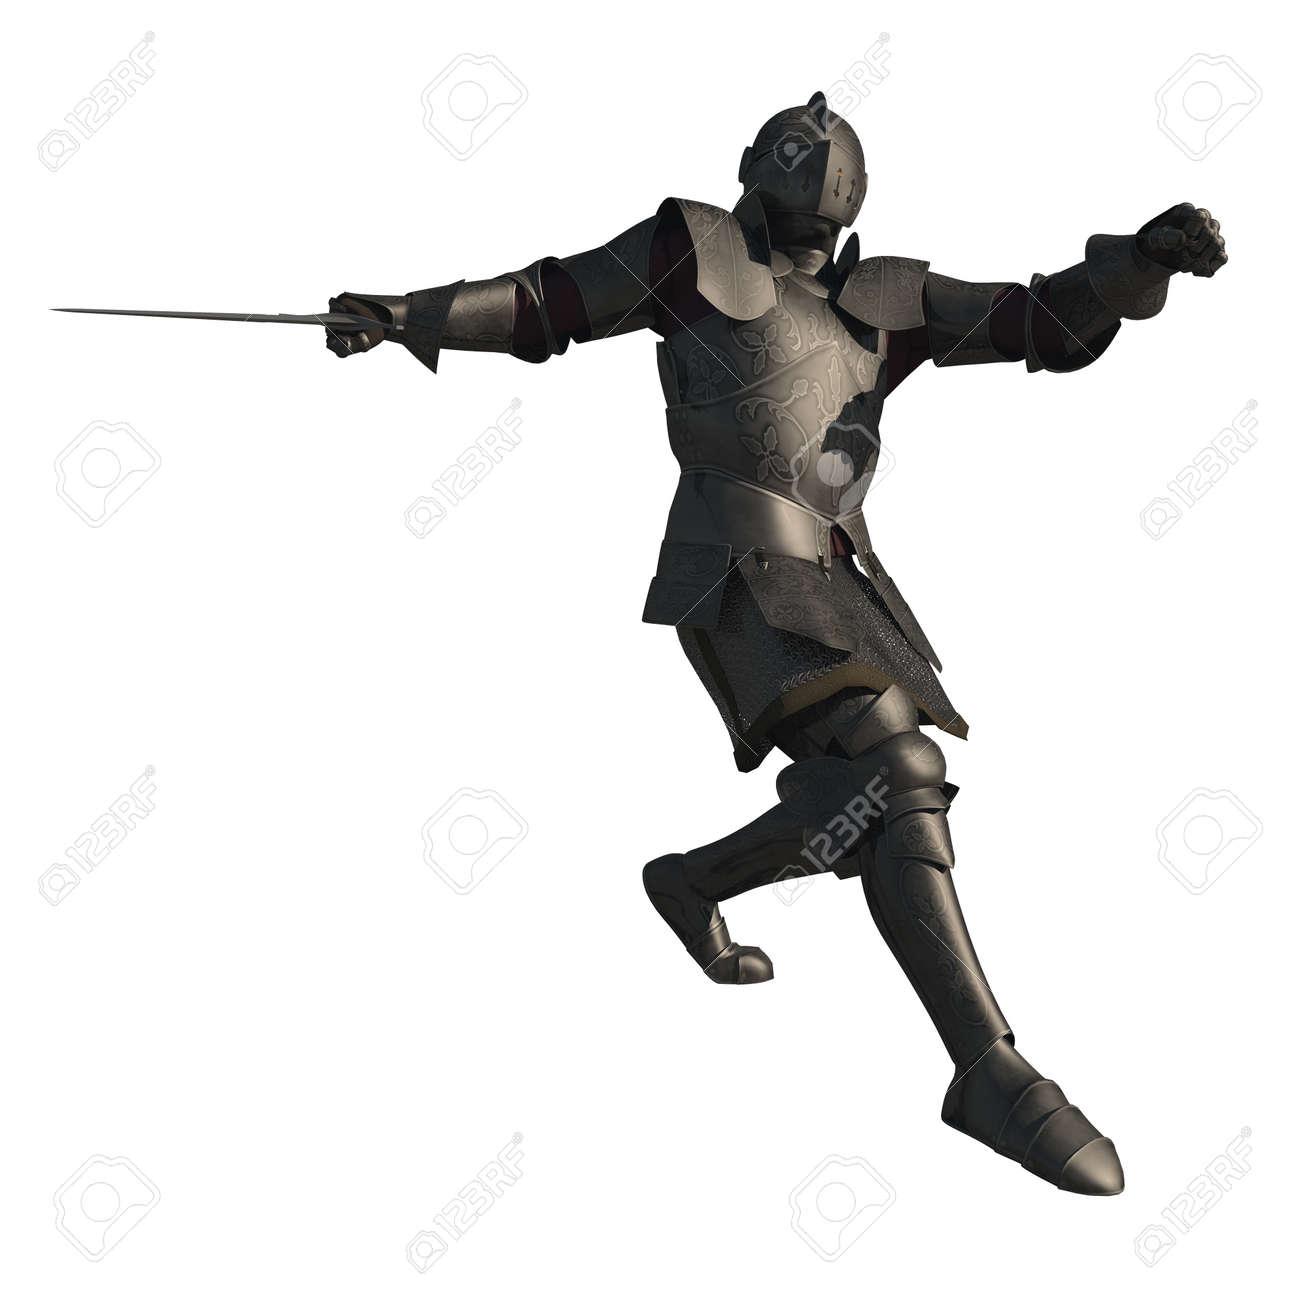 格闘で装飾された鎧と後期中世の騎士のイラスト ポーズ3 D デジタル